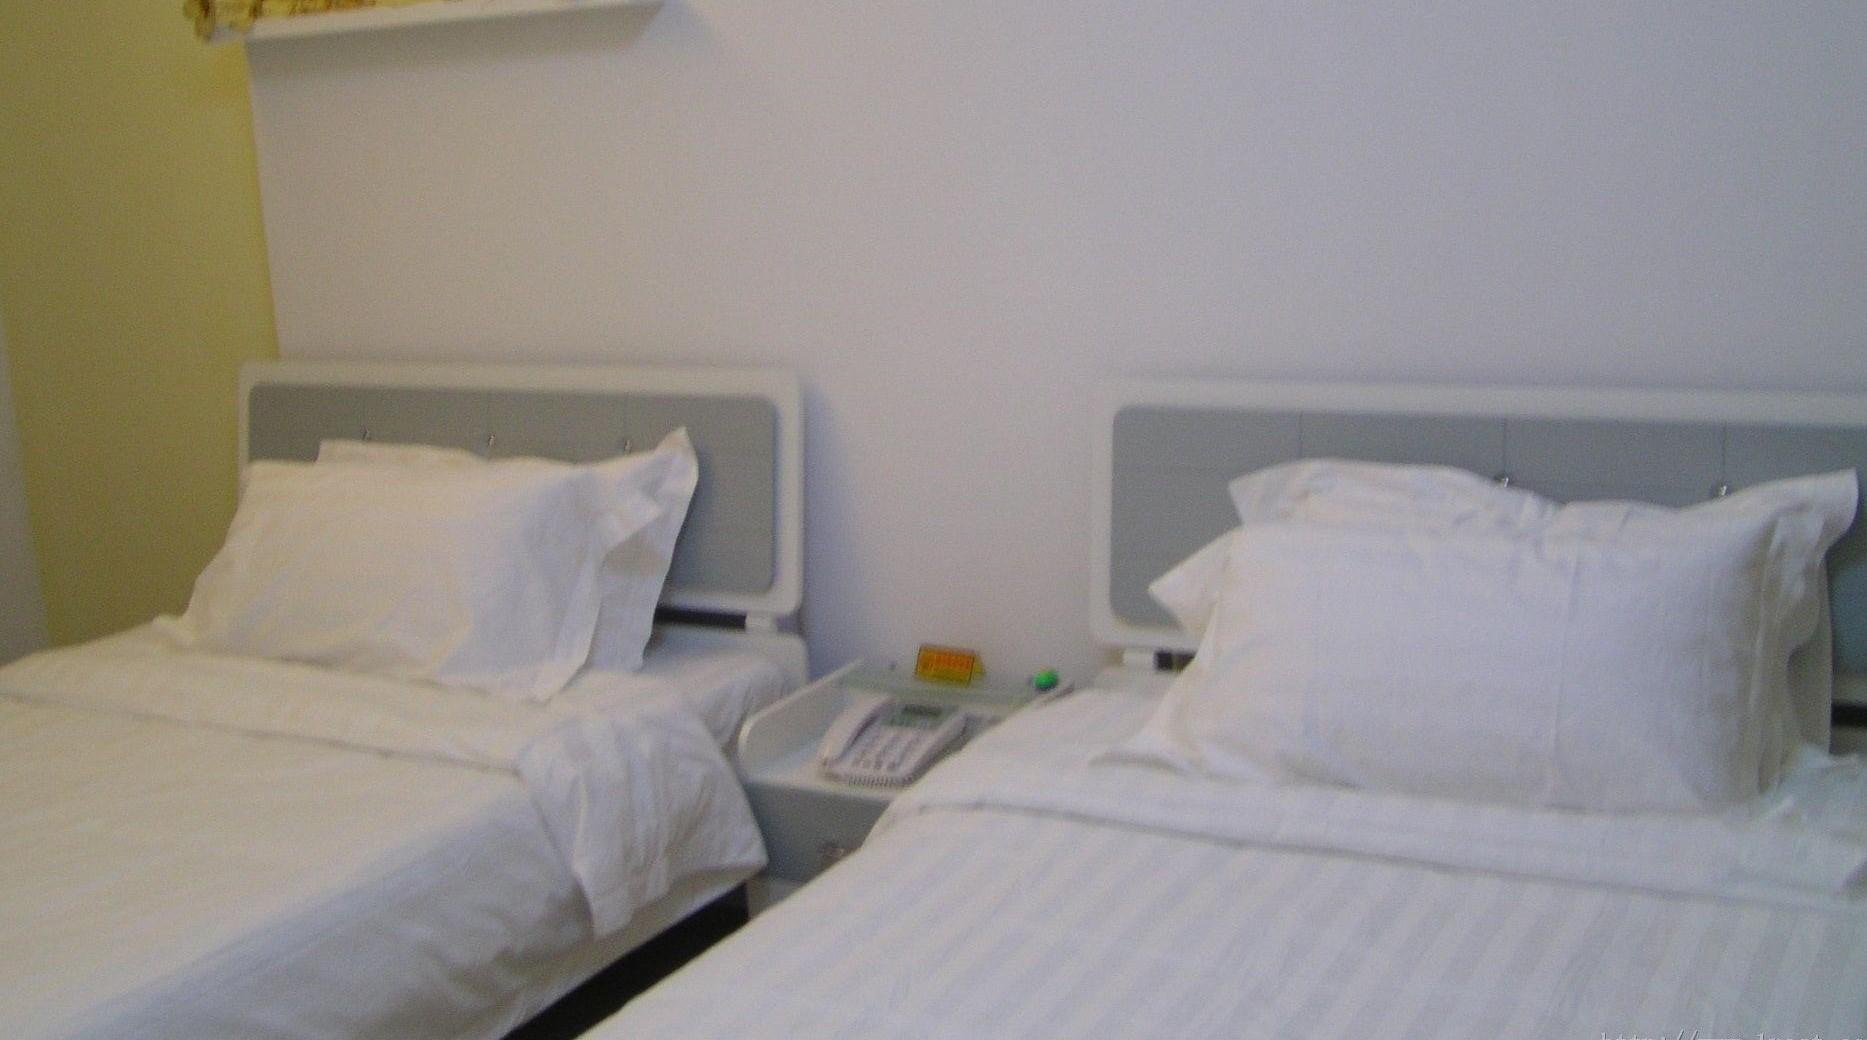 金华商务宾馆住宿;点实惠,欢迎入住;